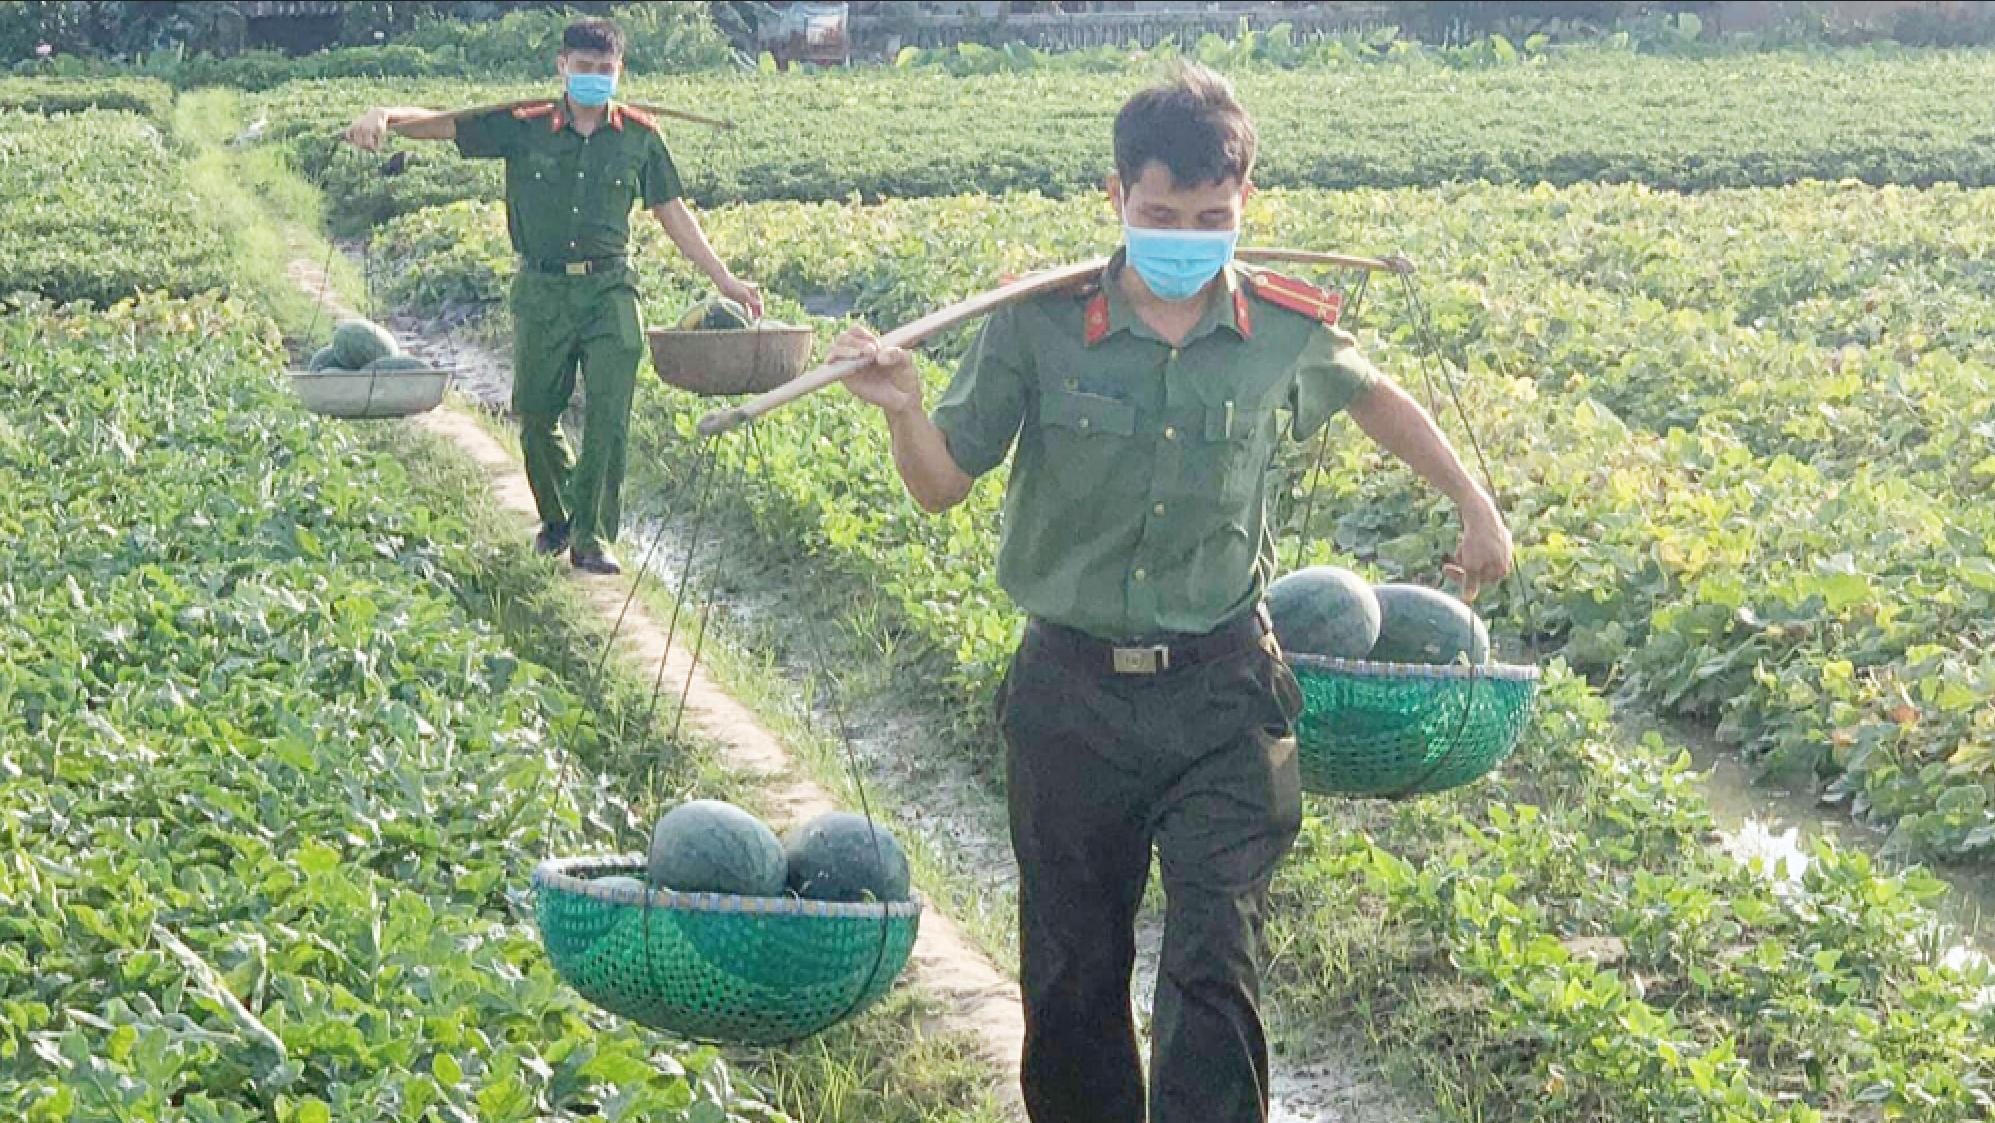 """Công an vùng """"tâm dịch"""" Bắc Giang ra đồng thu hoạch nông sản giúp nông dân - Ảnh 1."""